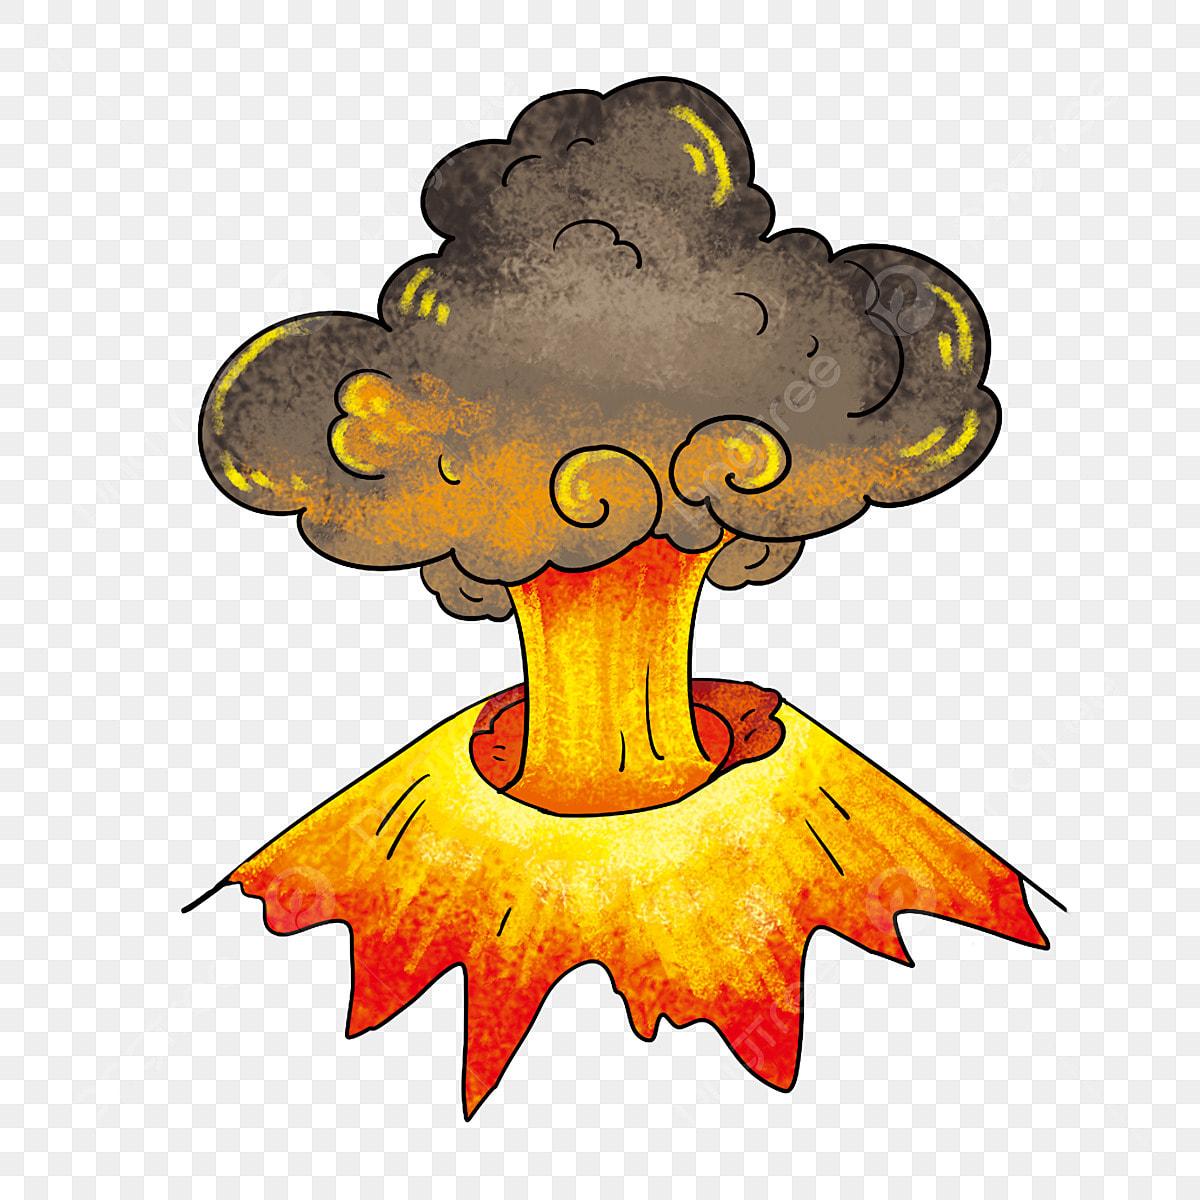 Eruptions Volcaniques Eruption Champignon Peint A La Main Nuage Volcan Dessin Anime Montagne Rouge Nuage Noir Nuages Noirs Fichier Png Et Psd Pour Le Telechargement Libre